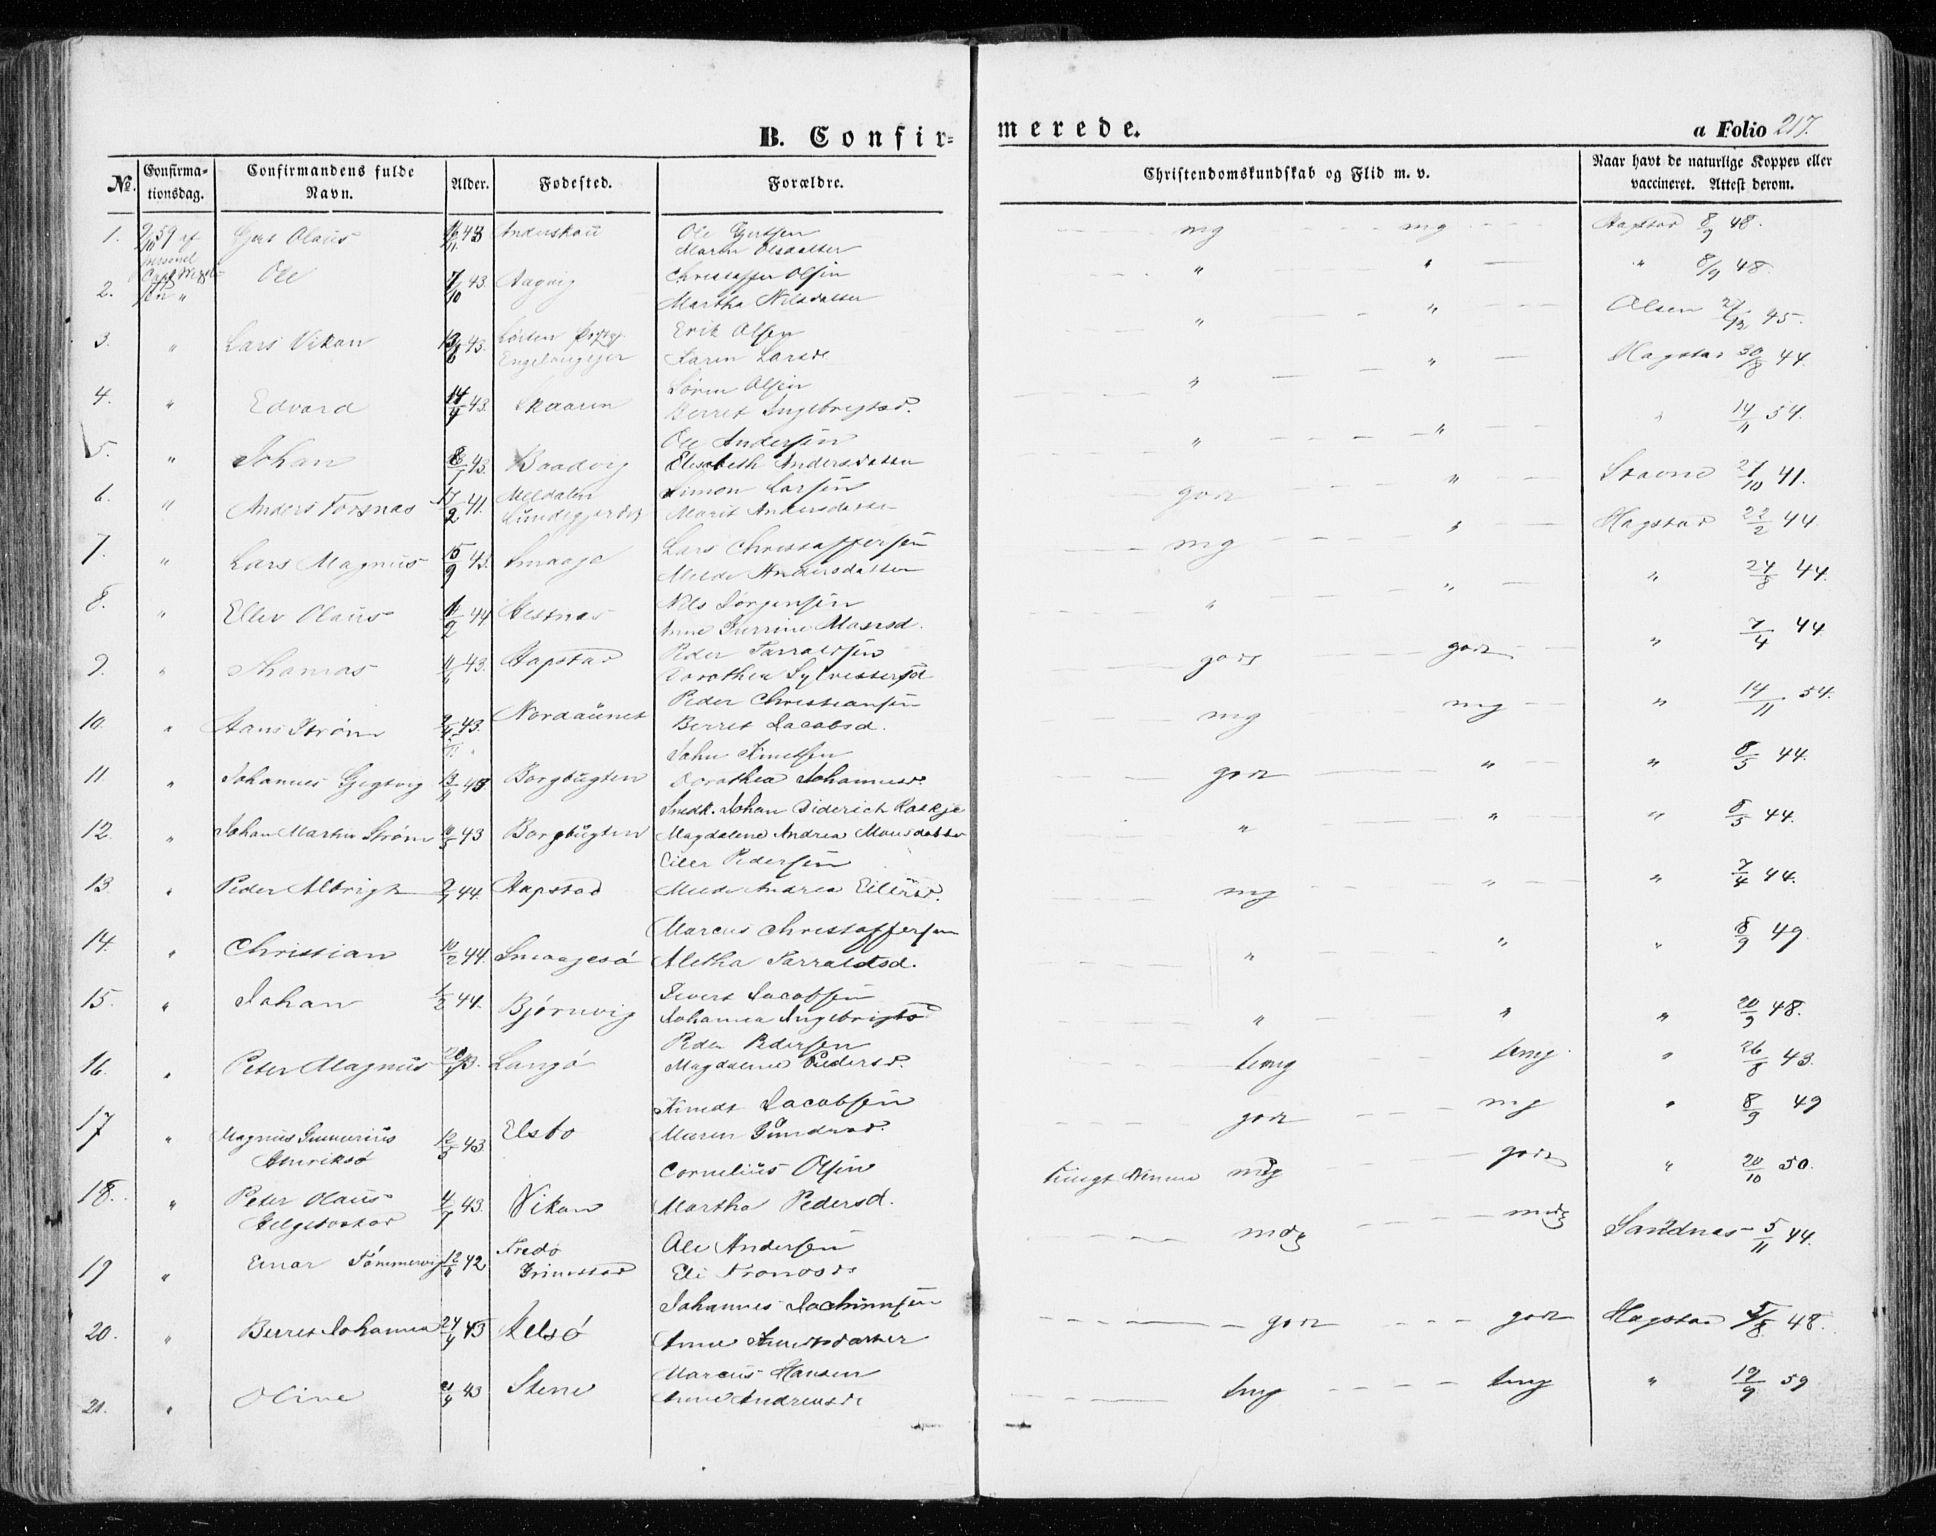 SAT, Ministerialprotokoller, klokkerbøker og fødselsregistre - Sør-Trøndelag, 634/L0530: Ministerialbok nr. 634A06, 1852-1860, s. 217